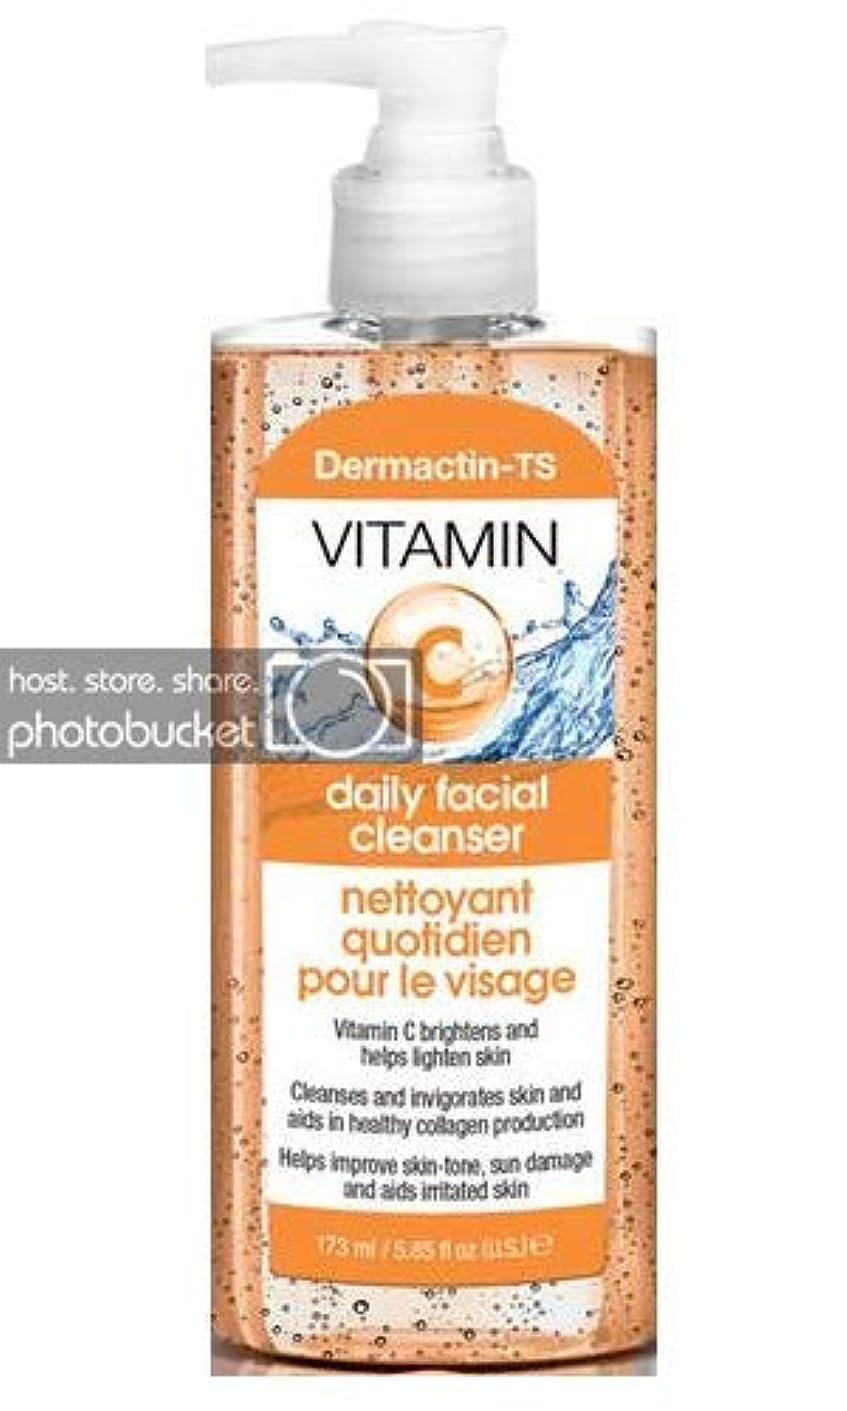 珍しいソーダ水辞任するDermactin-TS ビタミンCフェイシャルクレンザー165g (6パック) (並行輸入品)